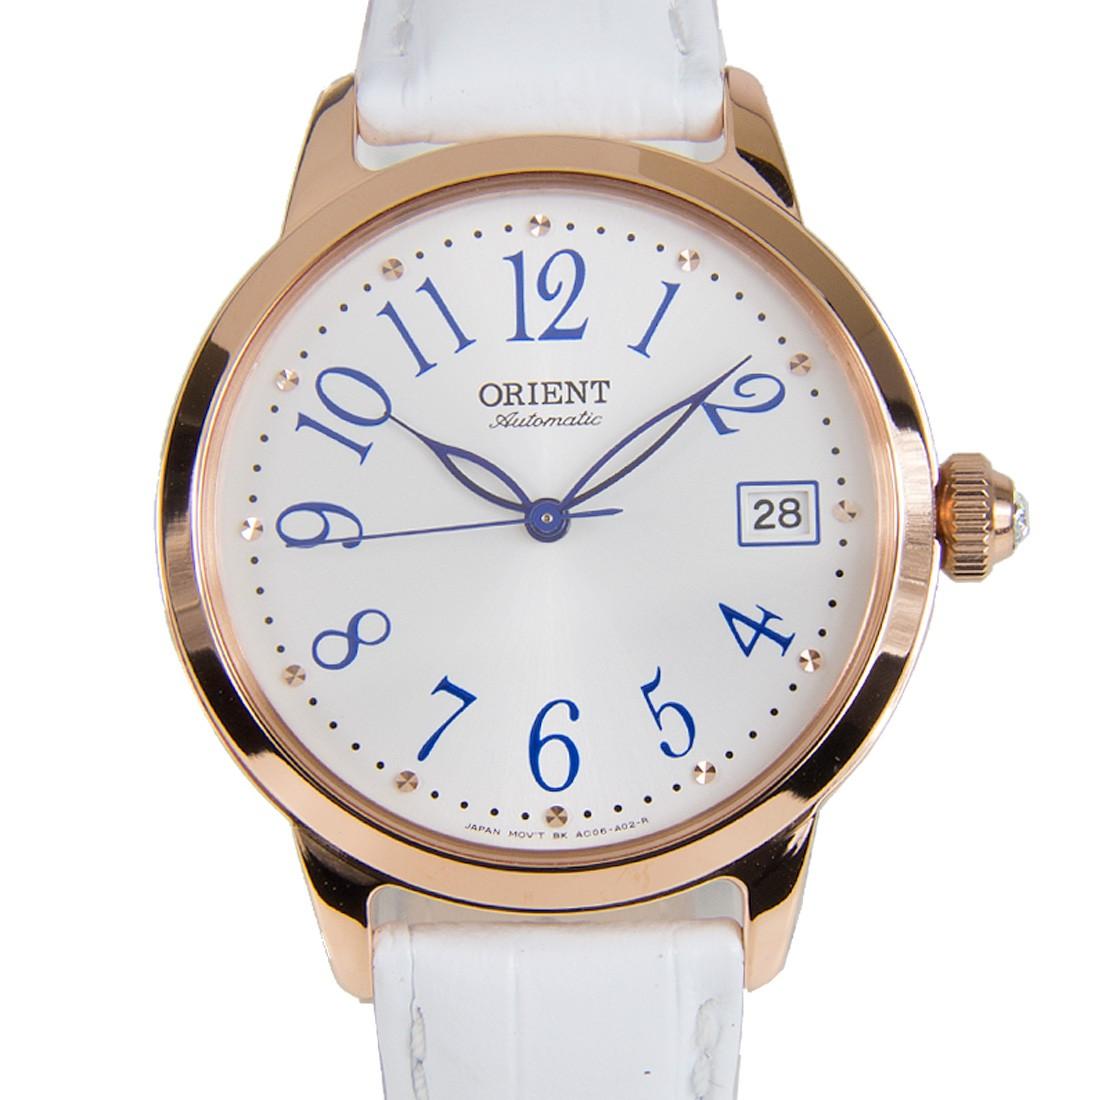 นาฬิกาผู้หญิง Orient รุ่น FAC06002W0, Automatic